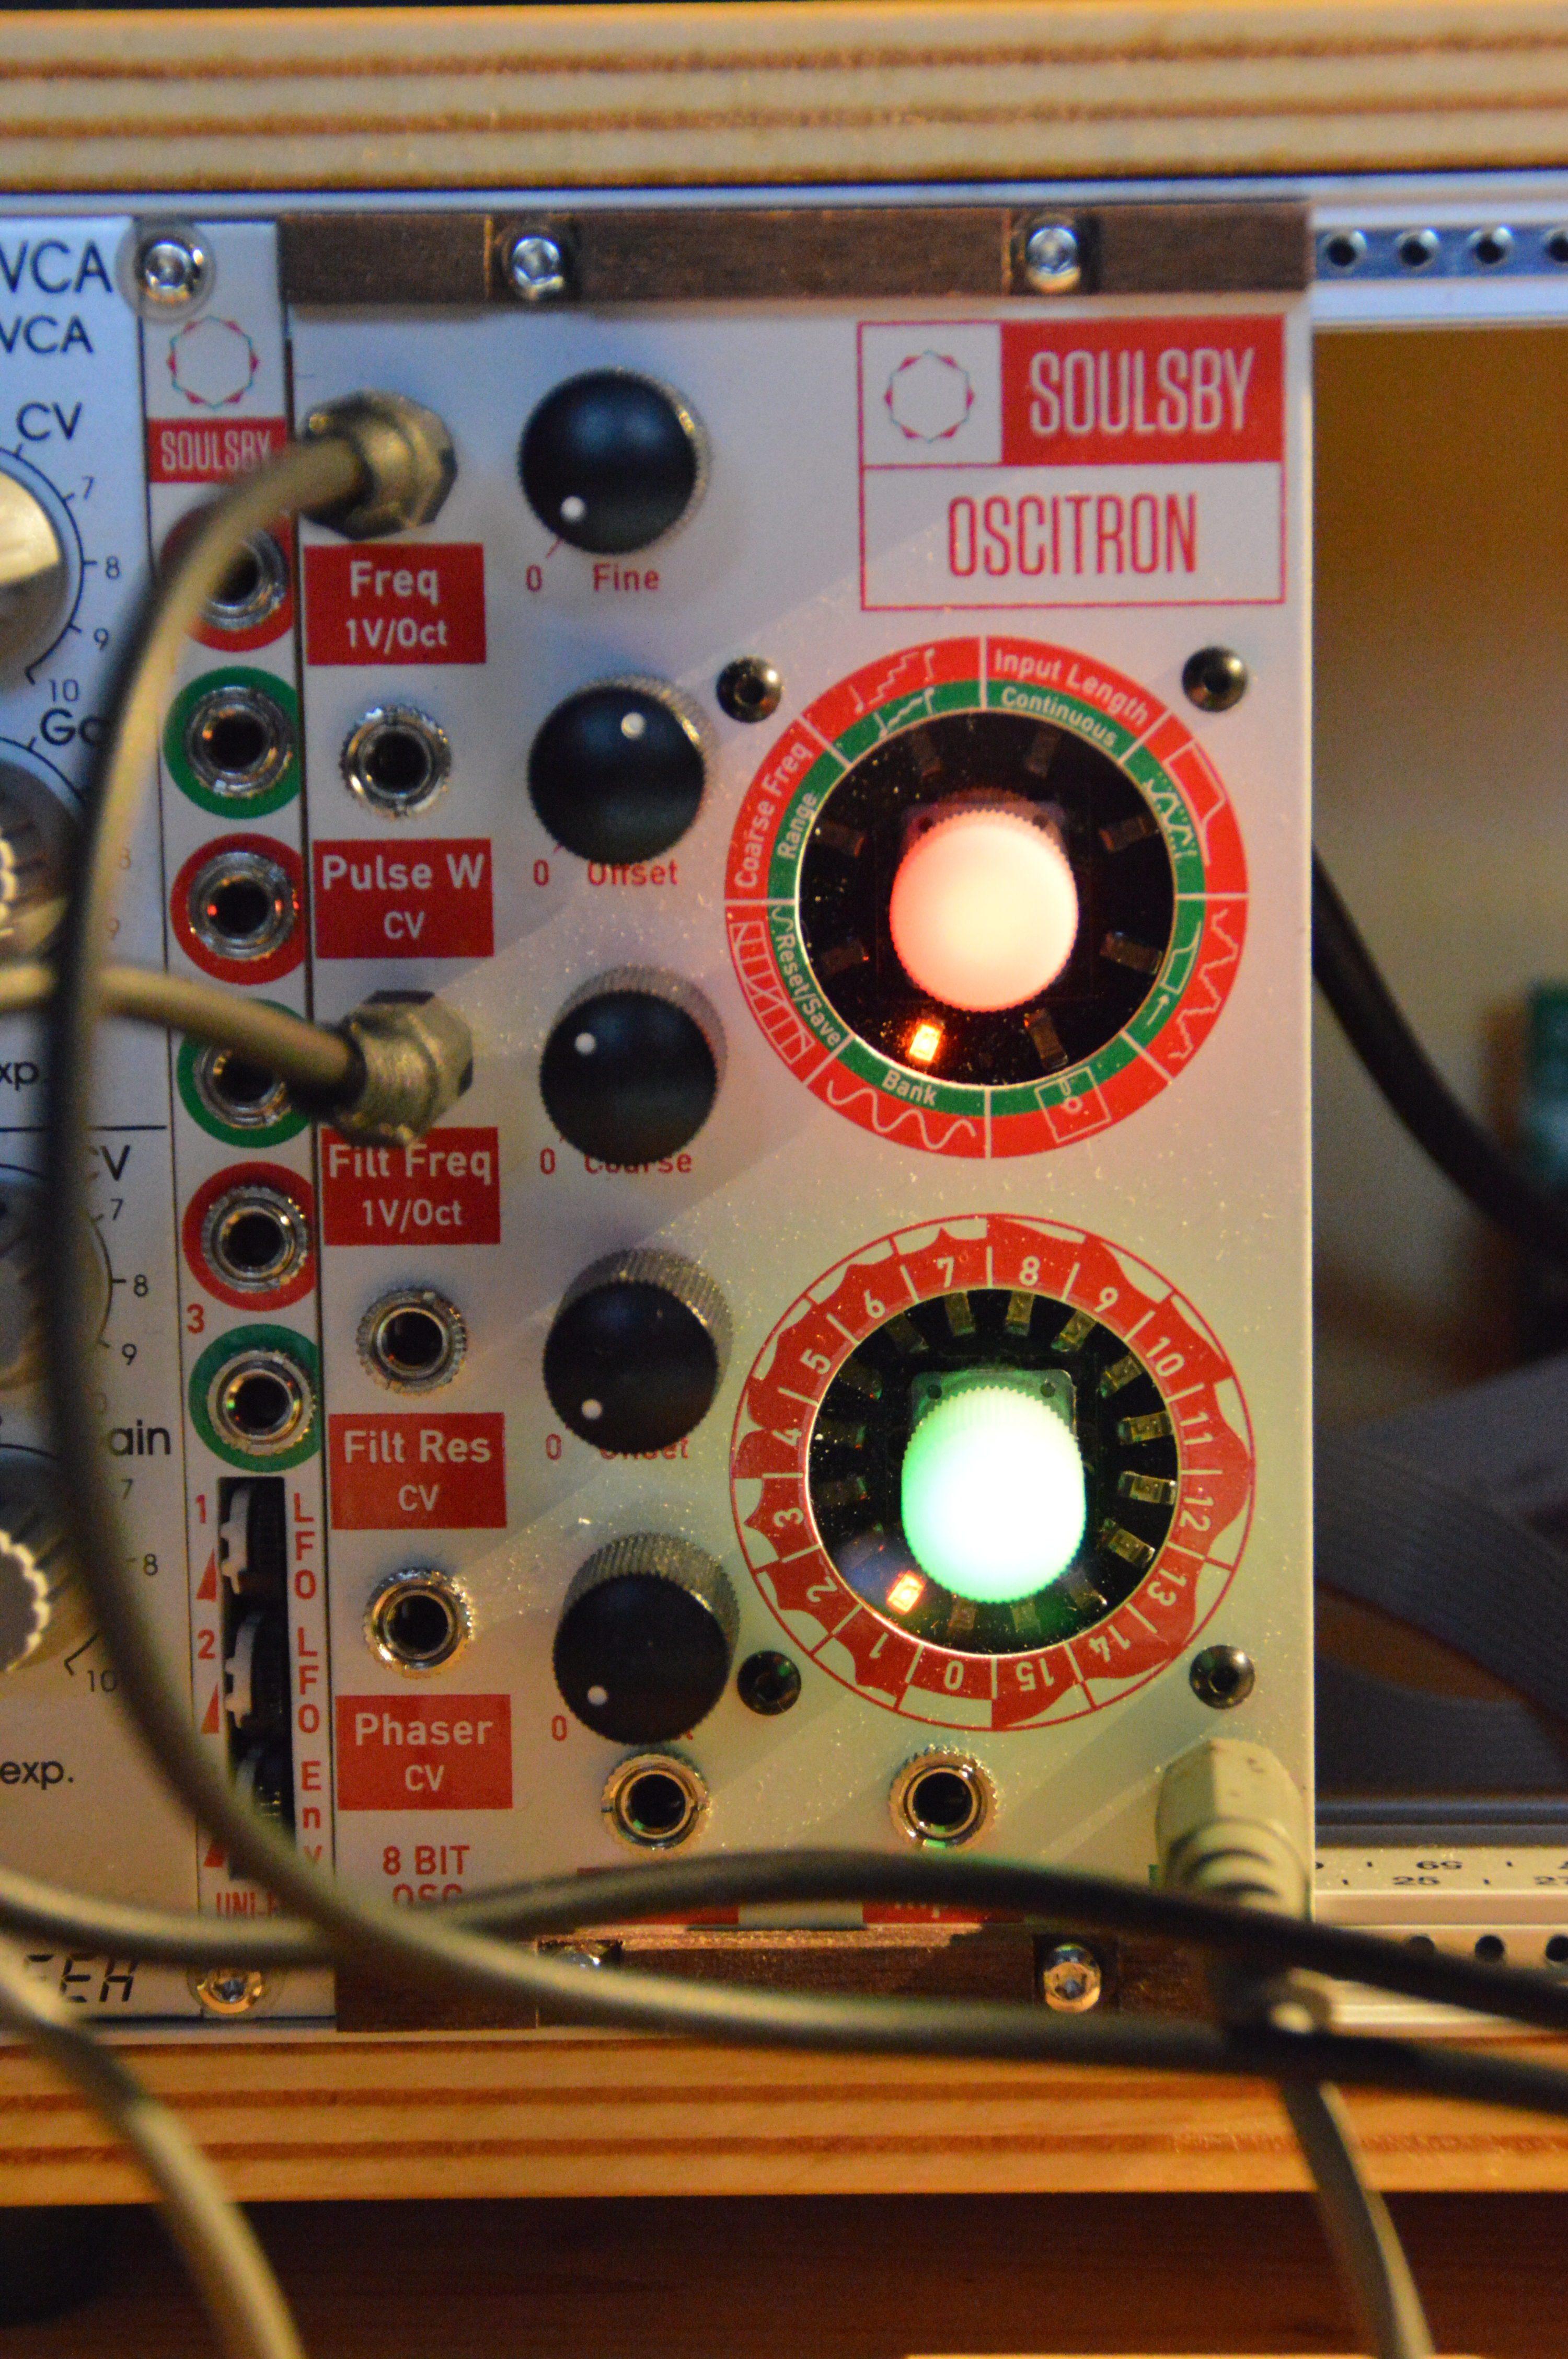 Test Soulsby Oscitron 8 Bit Eurorack Oszillator Wiring Diagrams Euro Rack Das Beiliegende 4 Farbig Bedruckte Broschre Gibt Detailliert Auskunft Ber Die Verschiedenen Funktionen Und Ist Gut Geschrieben Auf Englisch